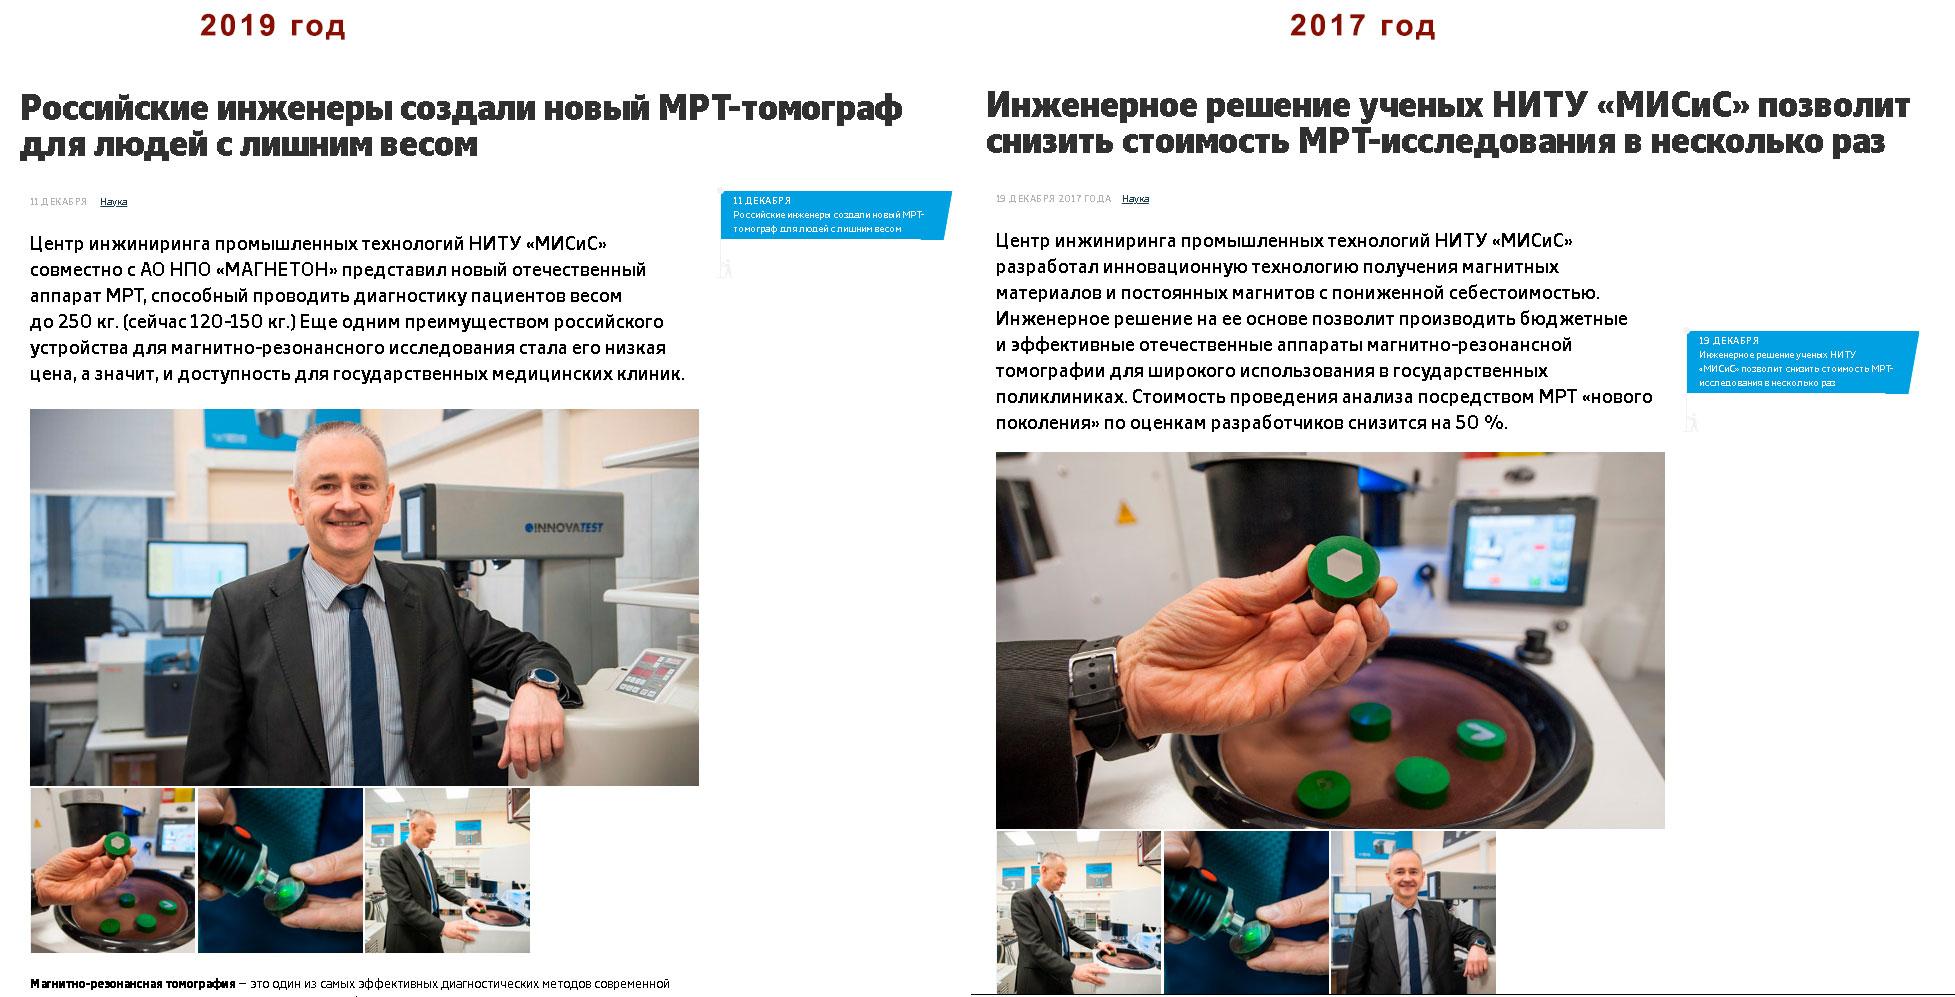 Российские ученые разработали инновационный томограф - 6